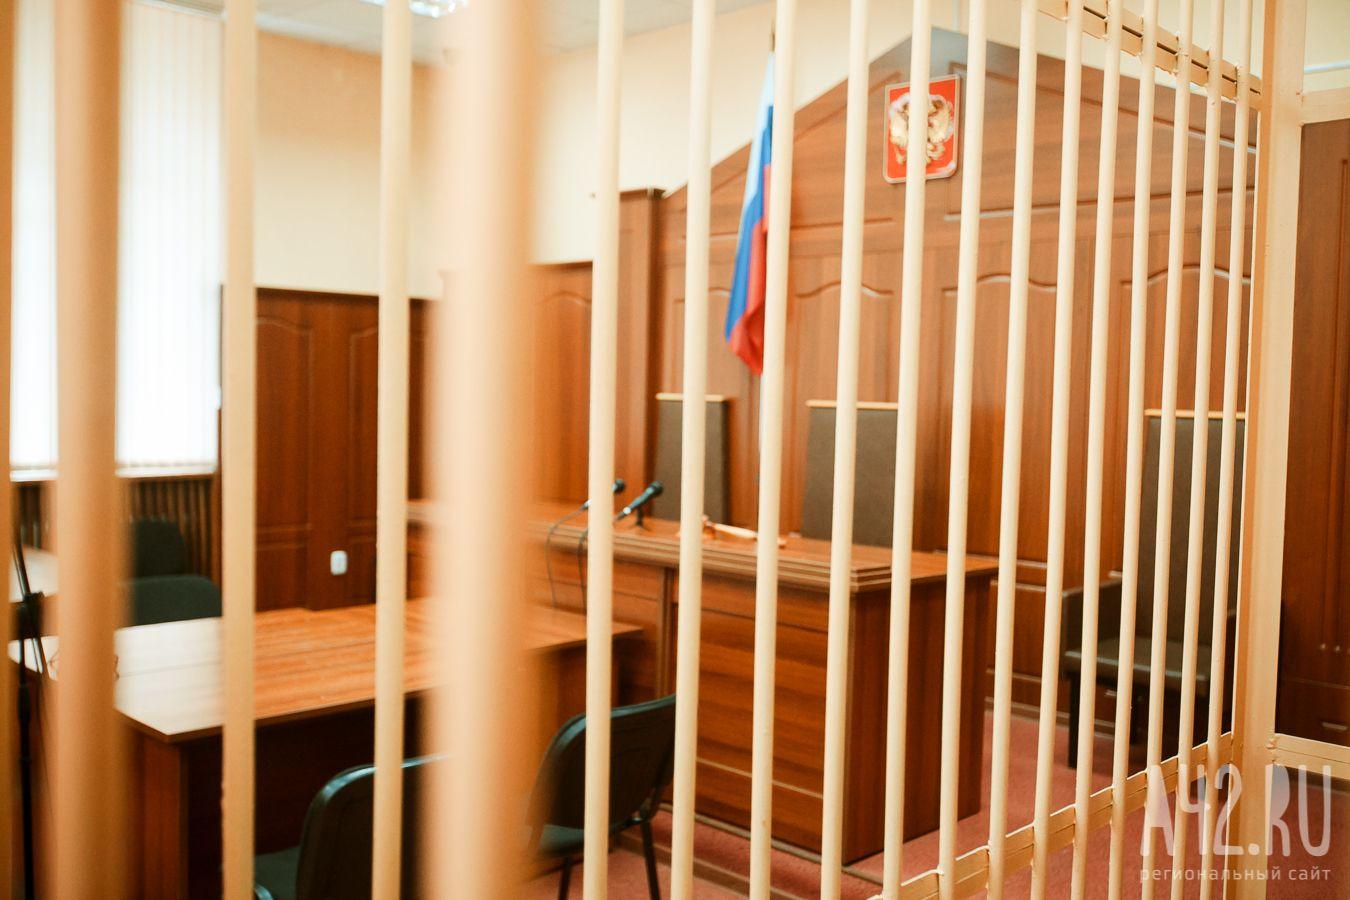 Суд приговорил к12 годам лишения свободы пособницу киллера-оккультиста